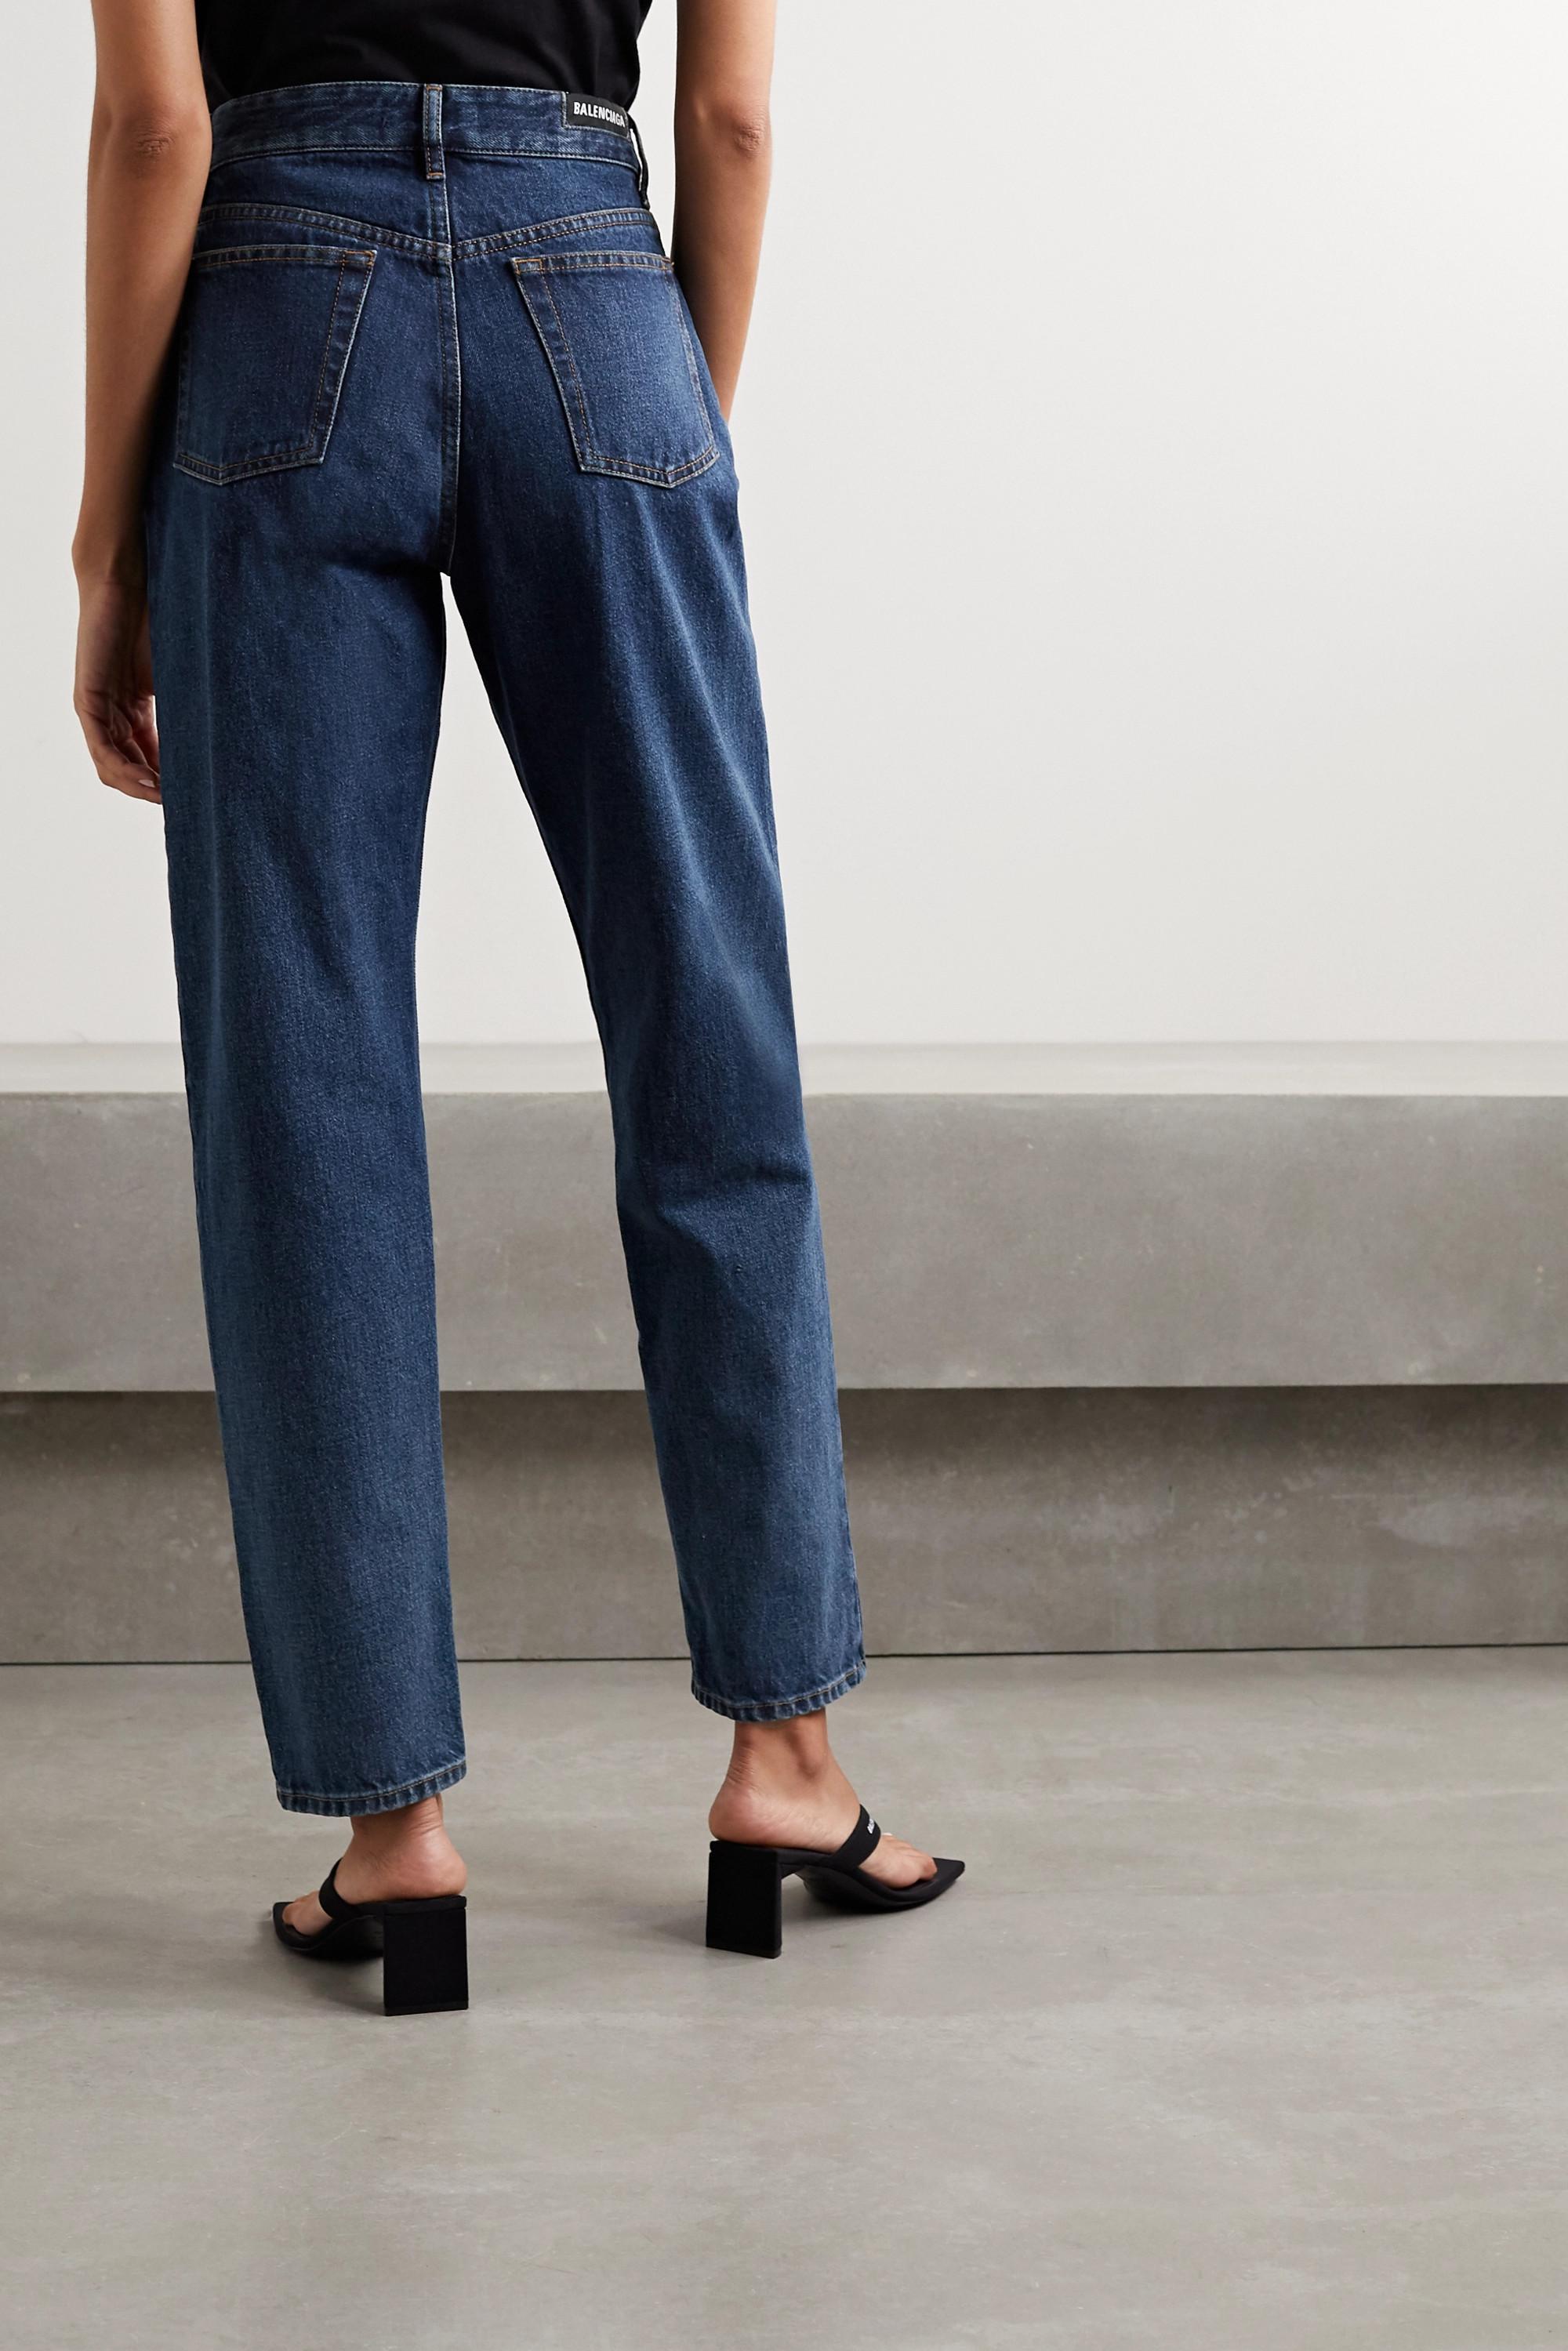 Balenciaga Hoch sitzende Jeans mit geradem Bein